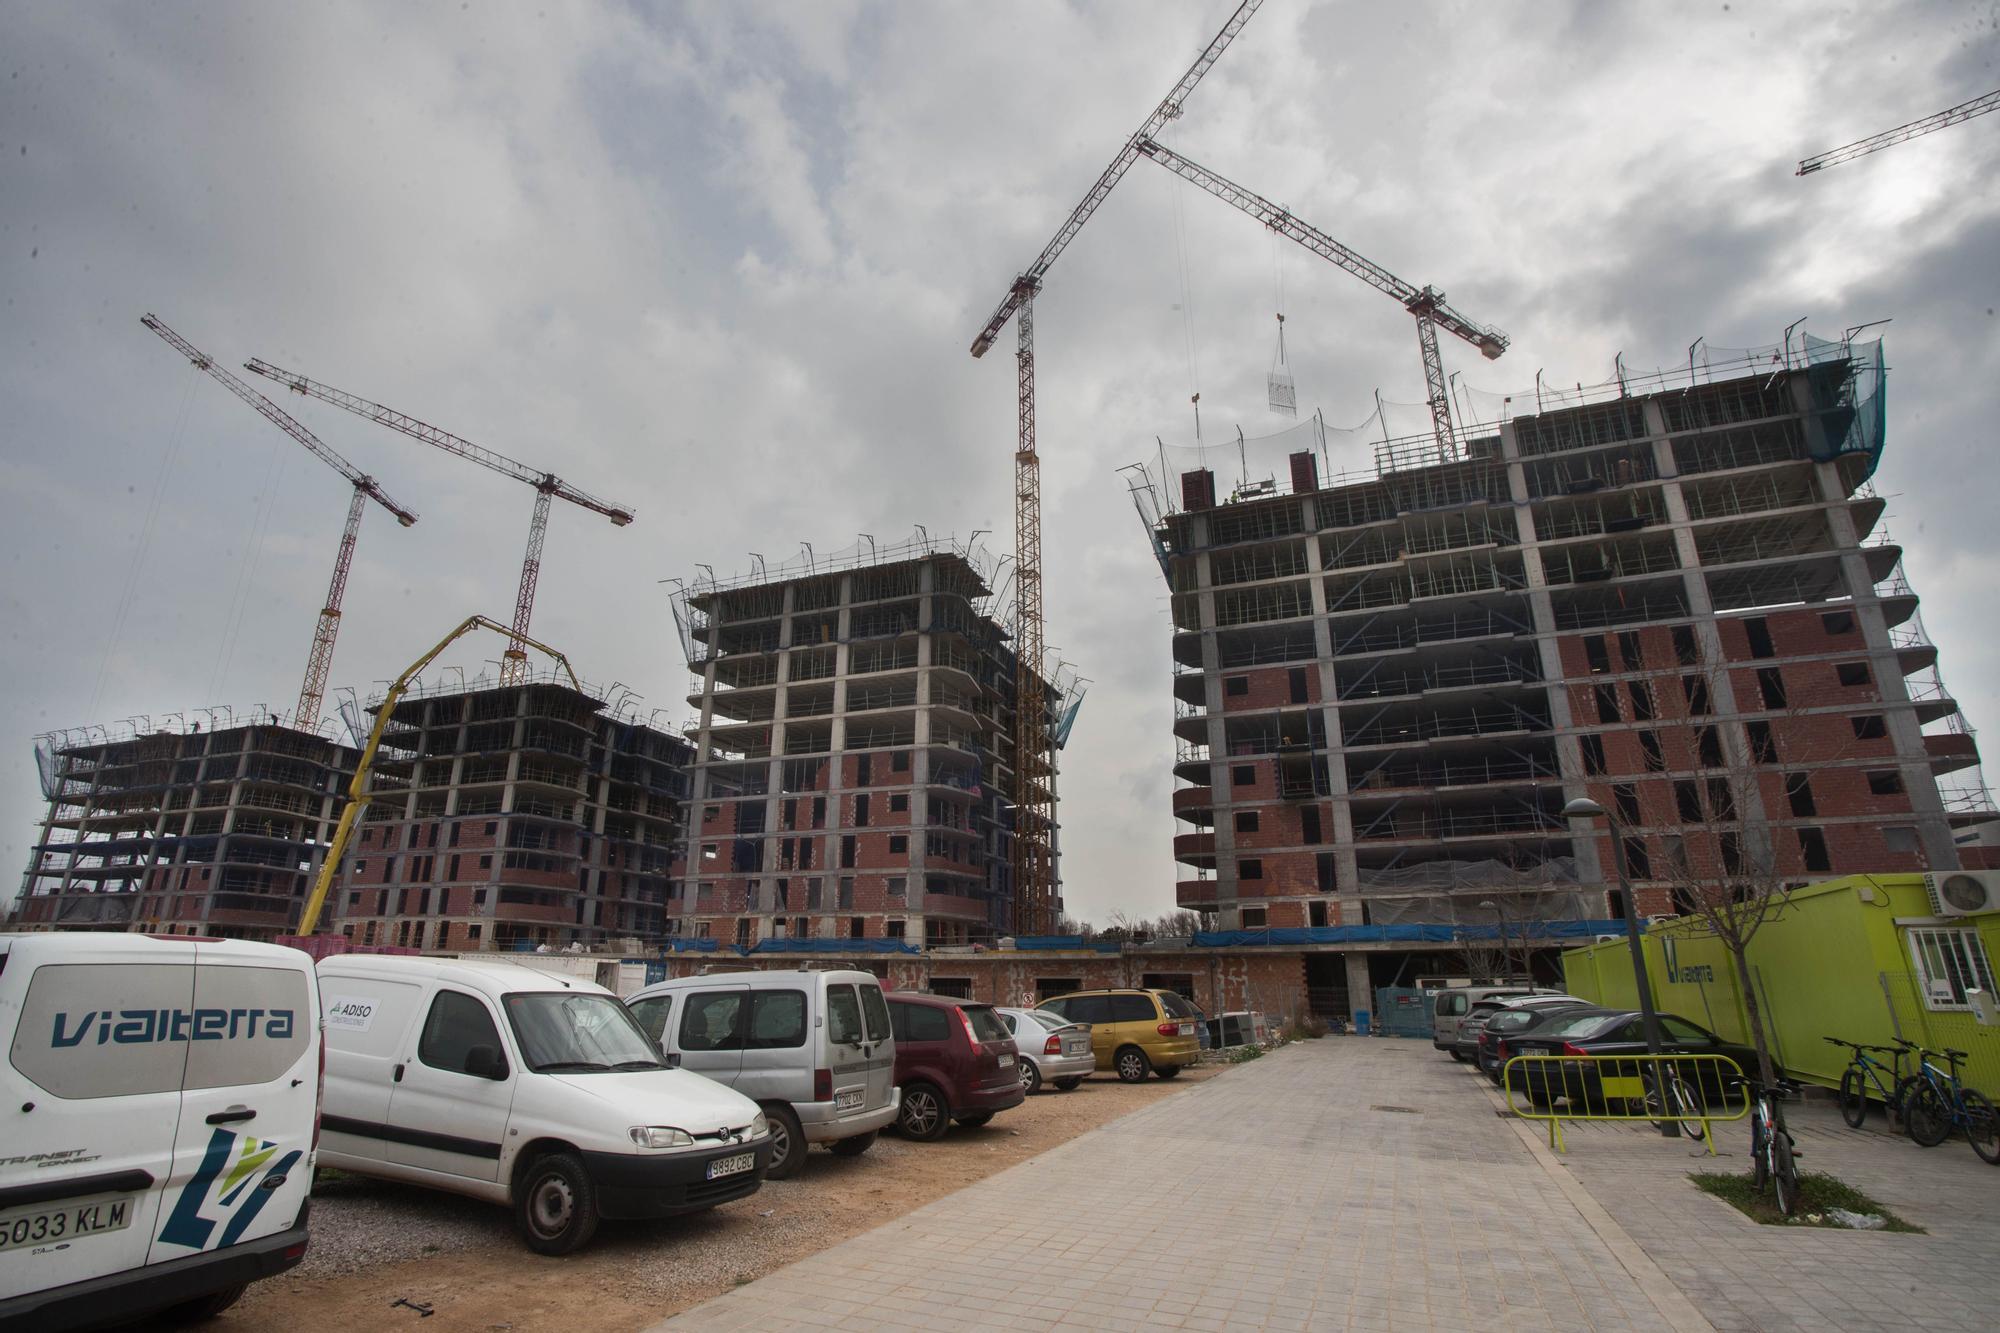 Pisos en Valencia: así avanzan las obras del nuevo barrio de la ciudad